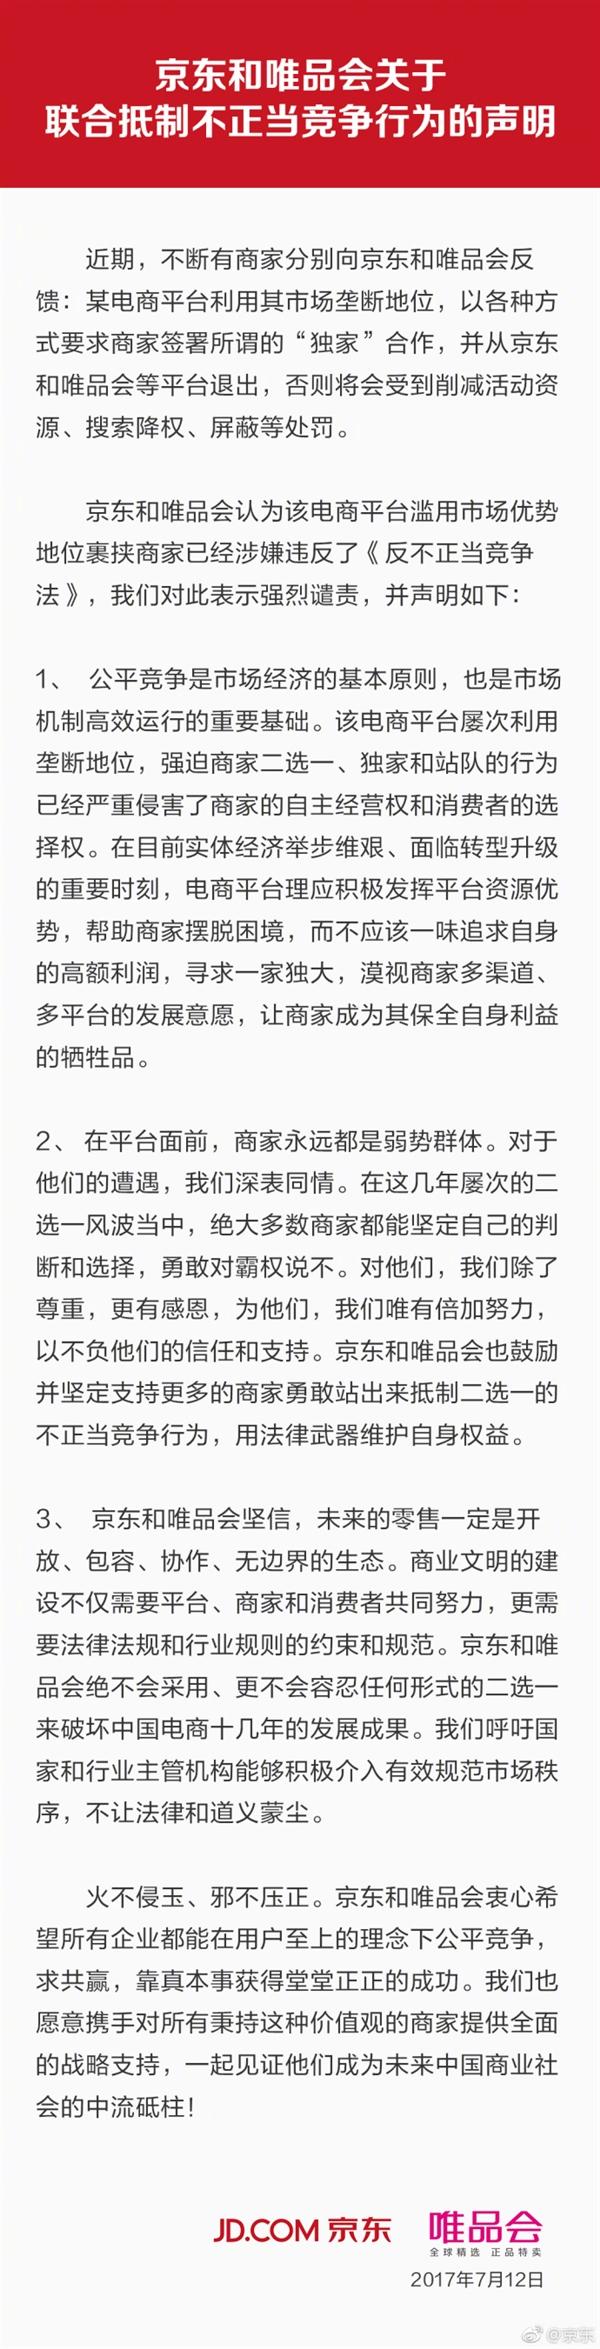 """京东唯品会发文炮轰""""二选一"""":抵制不正当竞争"""